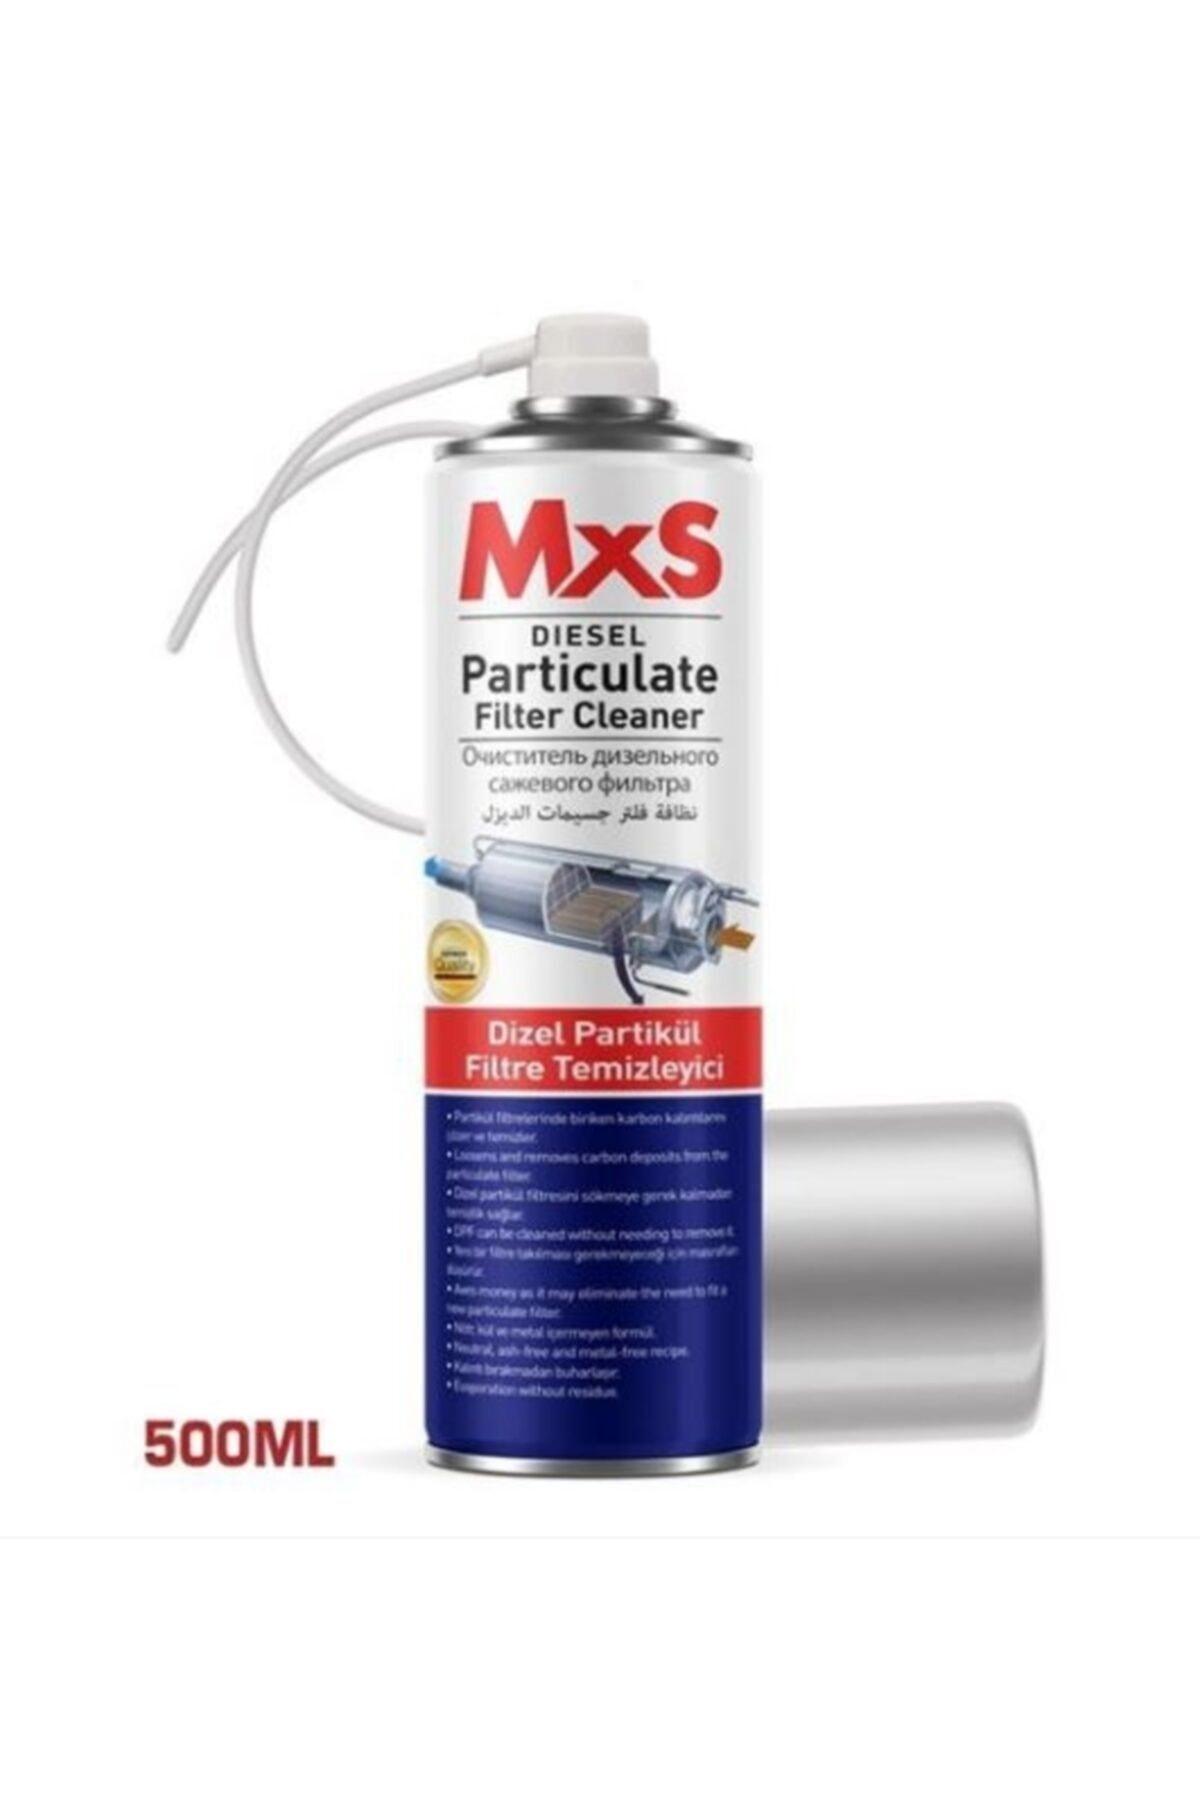 MxS Lastik Temizleme Parlatıcı Köpük Spreyi 500ml 1